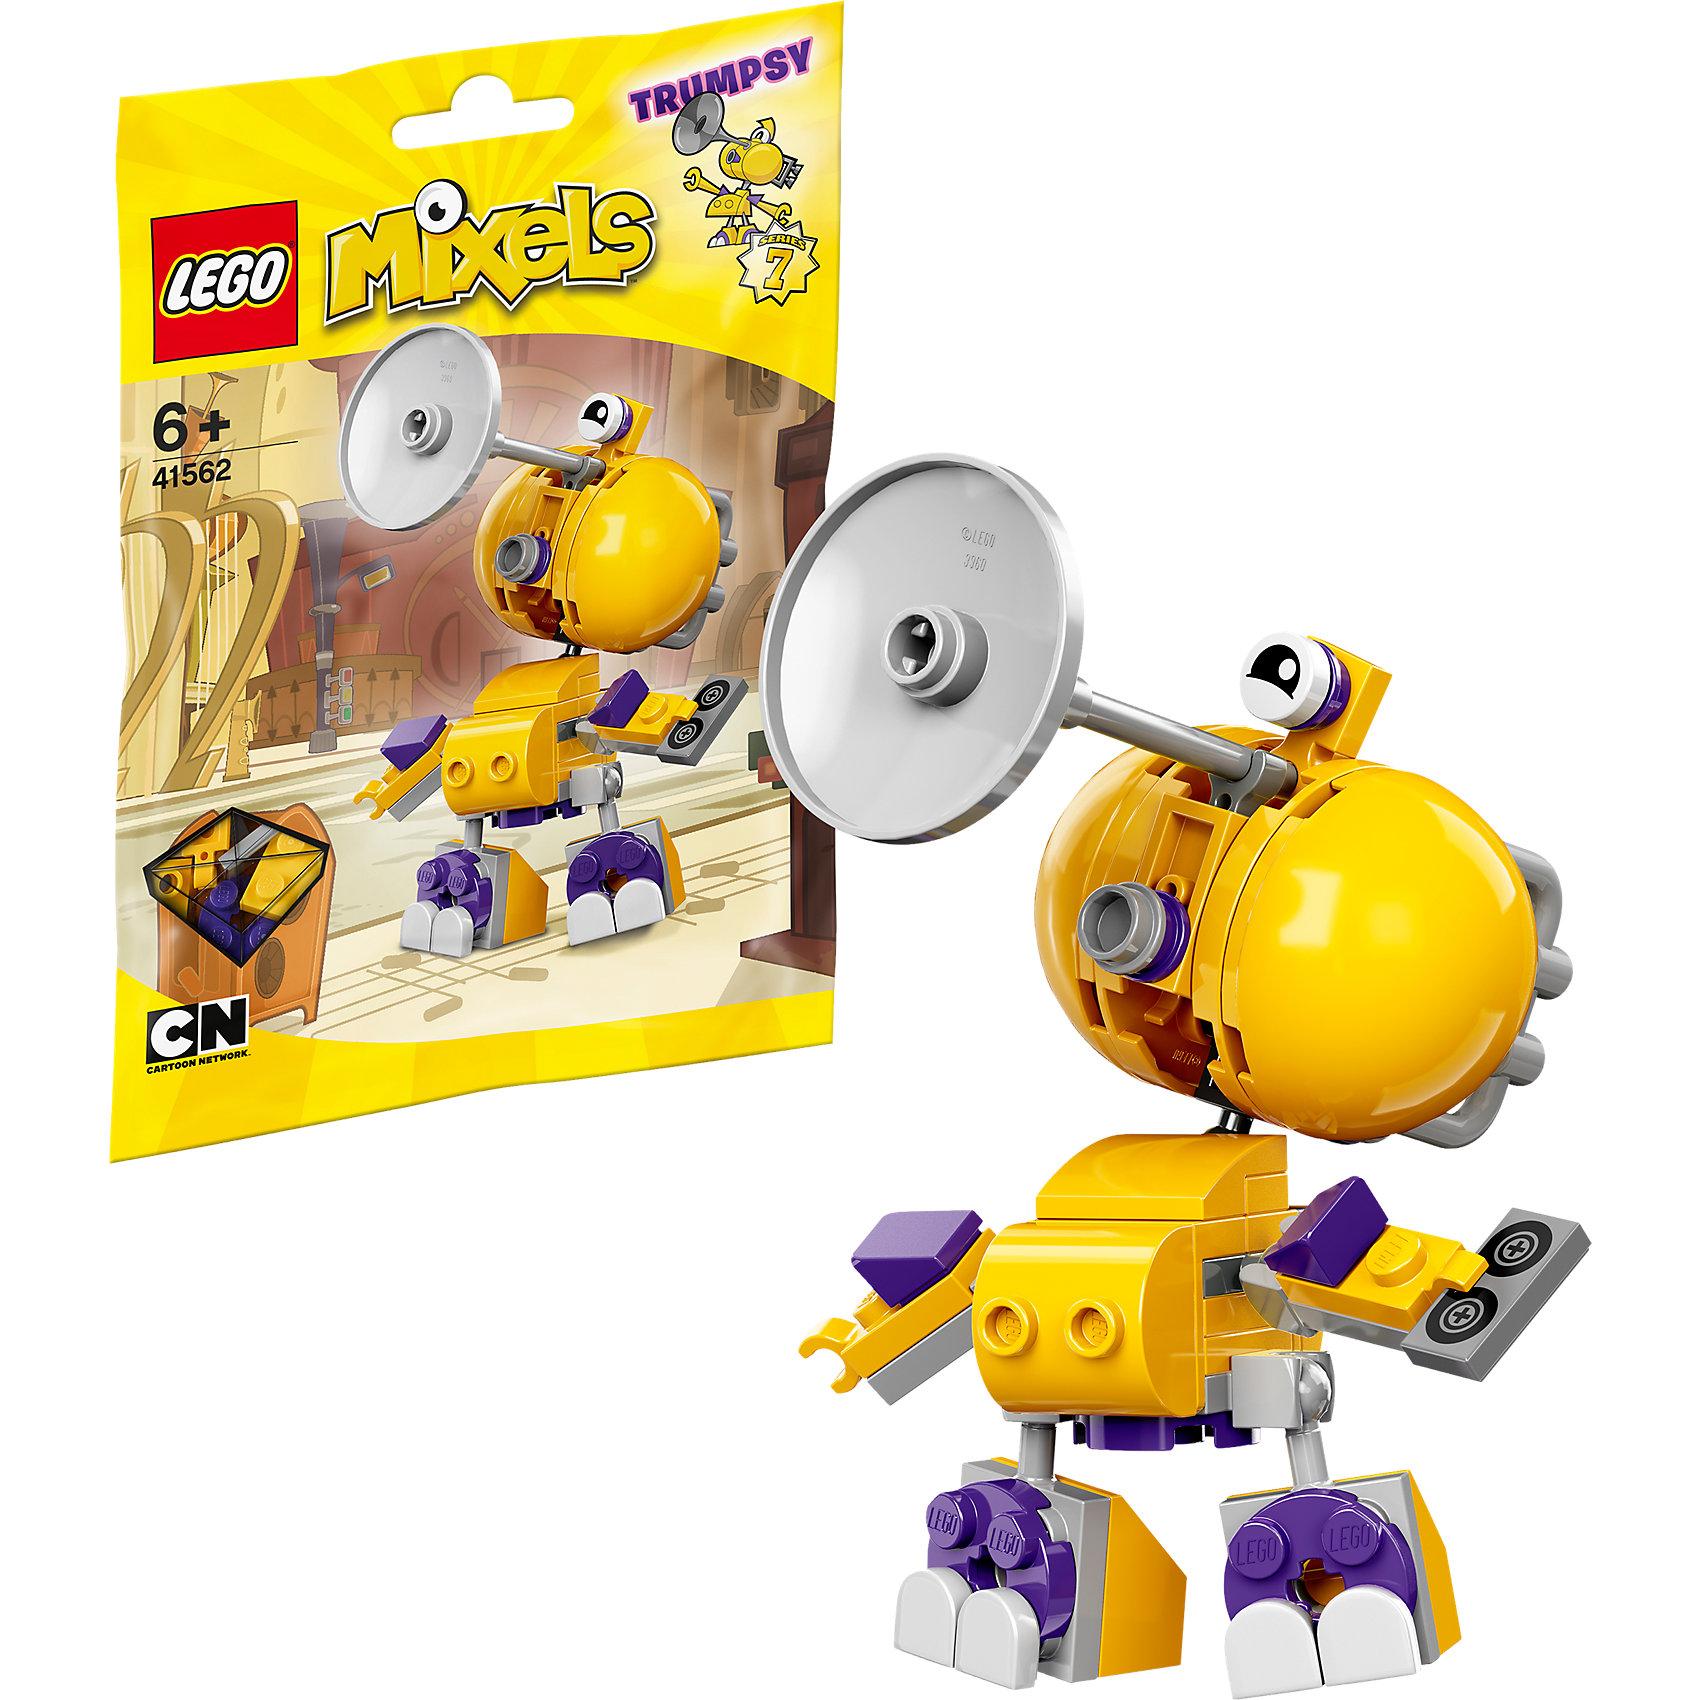 LEGO MIXELS 41562: ТрампсиУ этого музыканта из МиксОрлеанс - тромбон вместо головы и большие щеки, чтобы выдувать громкую мелодию. Когда Трампси играет, об этом знают все в Миксополисе! Просто не давай никому украсть музыкальную коллекцию этого микселя.<br><br>LEGO MIXELS (Лего Миксели) - серия конструкторов, герои которой - забавные существа - миксели. Они обожают объединяться друг с другом, получая новые сверхспособности! А еще миксели любят смешивать между собой все, что попадется под руку, и результаты порой оказываются самыми неожиданными. <br><br>Дополнительная информация:<br><br>- Конструкторы ЛЕГО развивают усидчивость, внимание, фантазию и мелкую моторику. <br>- Для создания героя большего размера можно воспользоваться деталями из наборов Лего 41561 Тапси и Лего 41562 Трампси.<br>- Количество деталей: 54<br>- Серия Лего Миксели (LEGO MIXELS).<br>- Материал: пластик.<br>- Размер упаковки: 13х2х17,5 см.<br>- Высота Трампси в собранном виде: 9 см. <br>- Вес: 0.05 кг.<br><br>Конструктор LEGO MIXELS 41562: Трампси можно купить в нашем магазине.<br><br>Ширина мм: 174<br>Глубина мм: 119<br>Высота мм: 27<br>Вес г: 47<br>Возраст от месяцев: 72<br>Возраст до месяцев: 192<br>Пол: Мужской<br>Возраст: Детский<br>SKU: 4259111